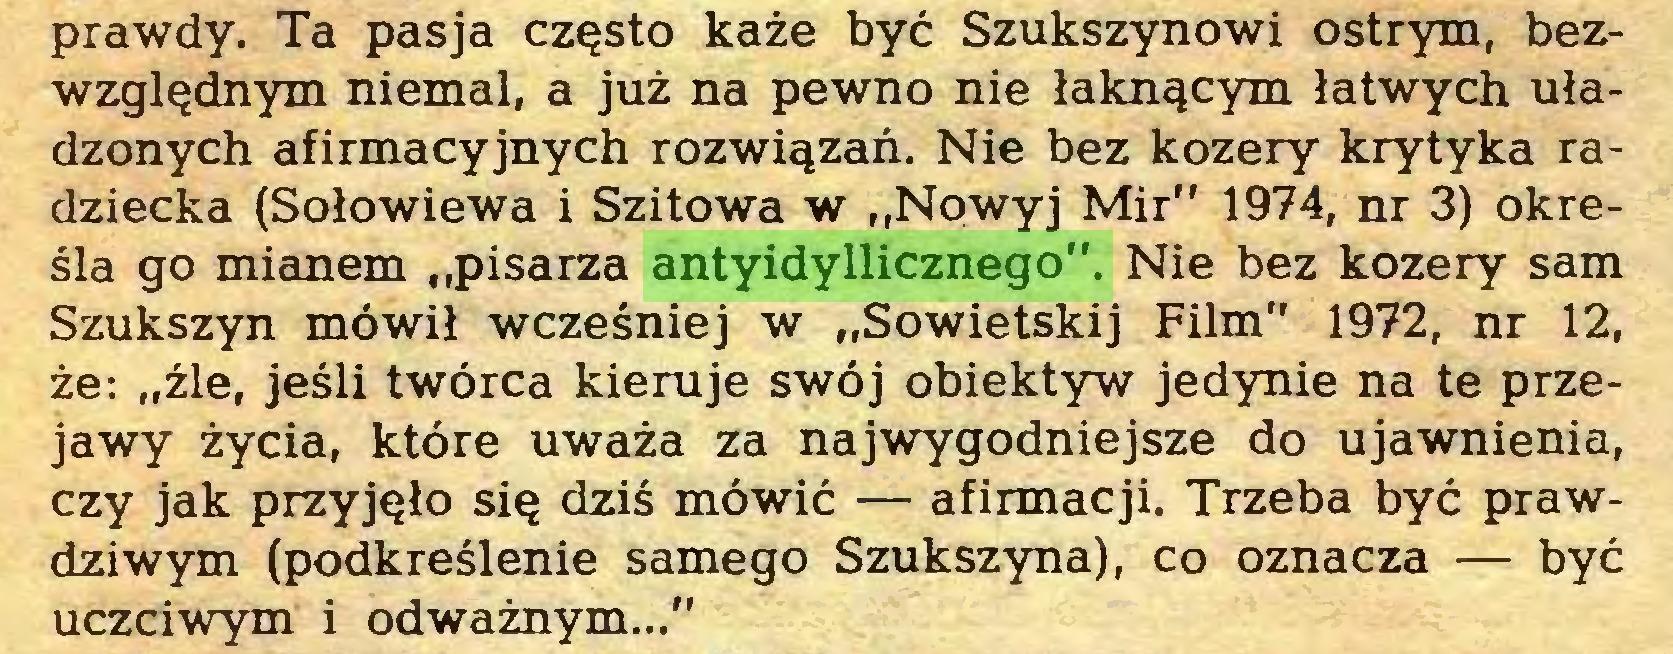 """(...) prawdy. Ta pasja często każe być Szukszynowi ostrym, bezwzględnym niemal, a już na pewno nie łaknącym łatwych uładzonych afirmacyjnych rozwiązań. Nie bez kozery krytyka radziecka (Sołowiewa i Szitowa w """"Nowyj Mir"""" 1974, nr 3) określa go mianem """"pisarza antyidyllicznego"""". Nie bez kozery sam Szukszyn mówił wcześniej w """"Sowietskij Film"""" 1972, nr 12, że: """"źle, jeśli twórca kieruje swój obiektyw jedynie na te przejawy życia, które uważa za najwygodniejsze do ujawnienia, czy jak przyjęło się dziś mówić — afirmacji. Trzeba być prawdziwym (podkreślenie samego Szukszyna), co oznacza — być uczciwym i odważnym...""""..."""